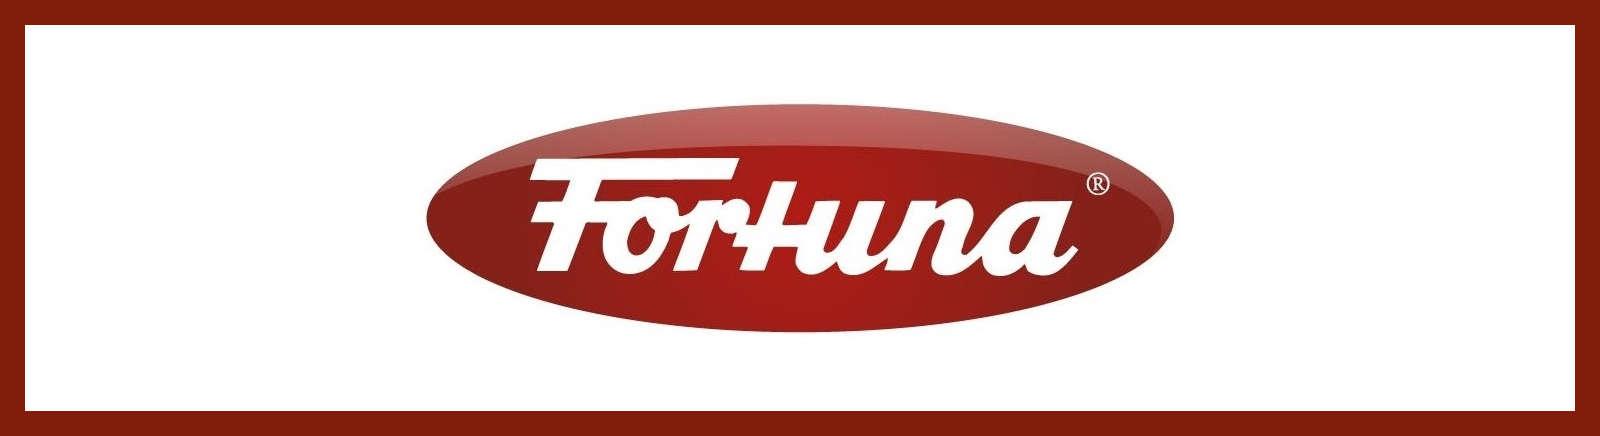 Fortuna Markenschuhe online kaufen im Shop von GISY